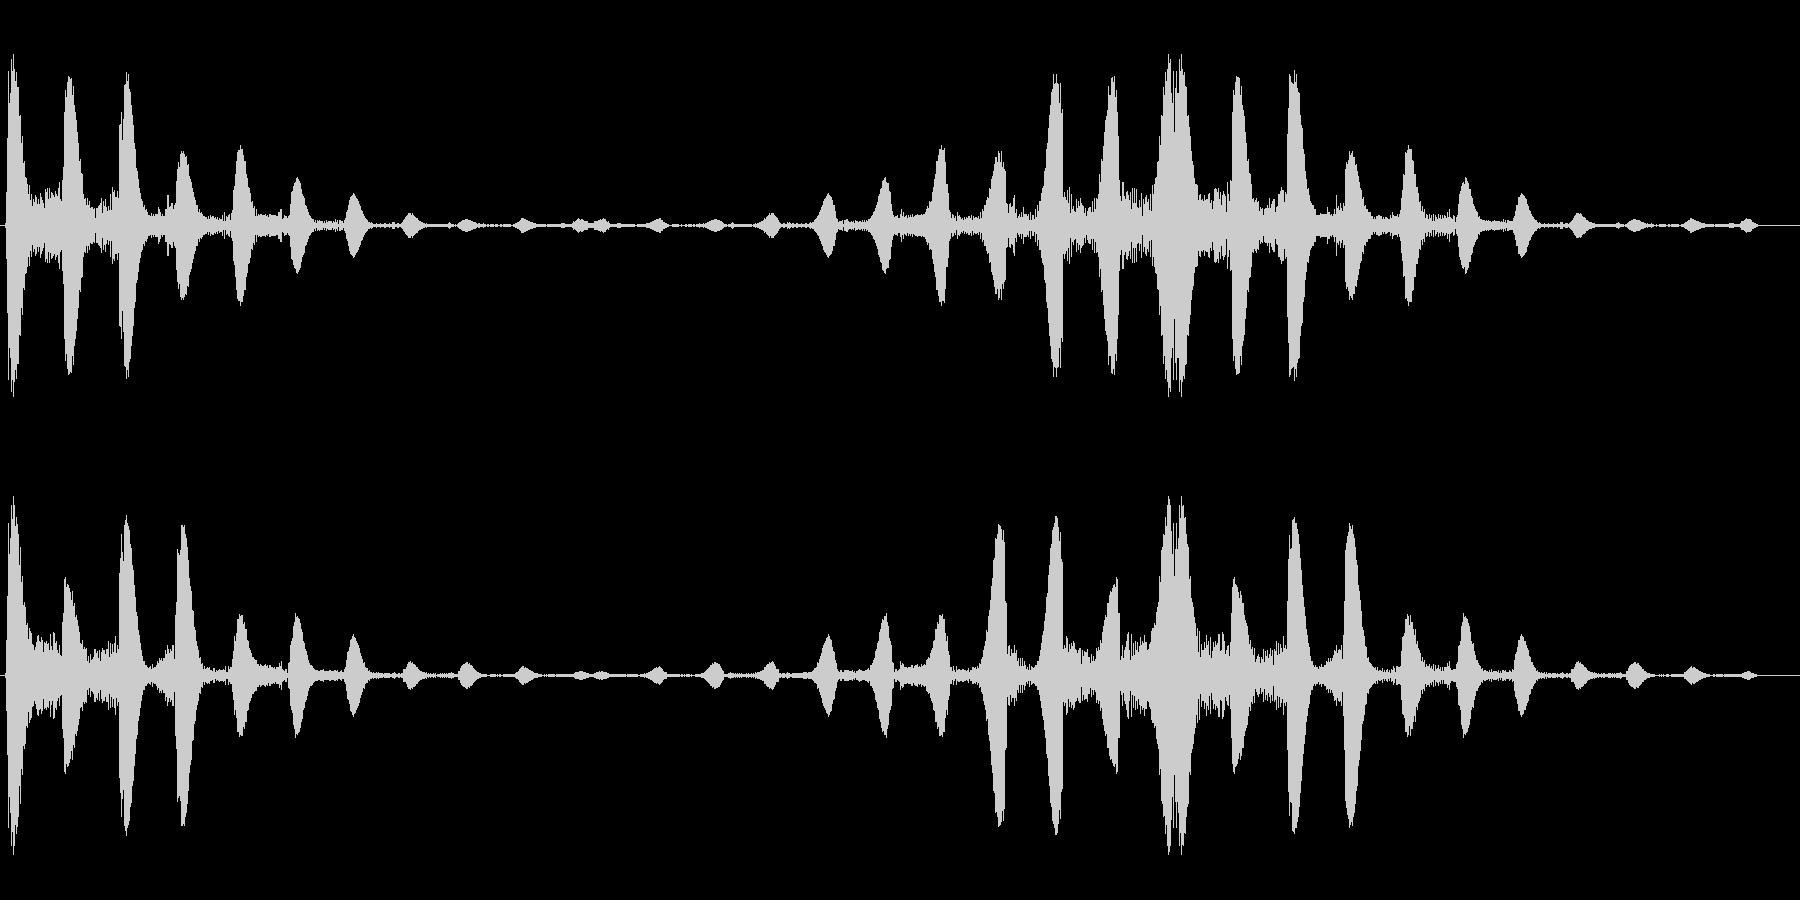 ポコポコ(水中の気泡を連想させる効果音)の未再生の波形